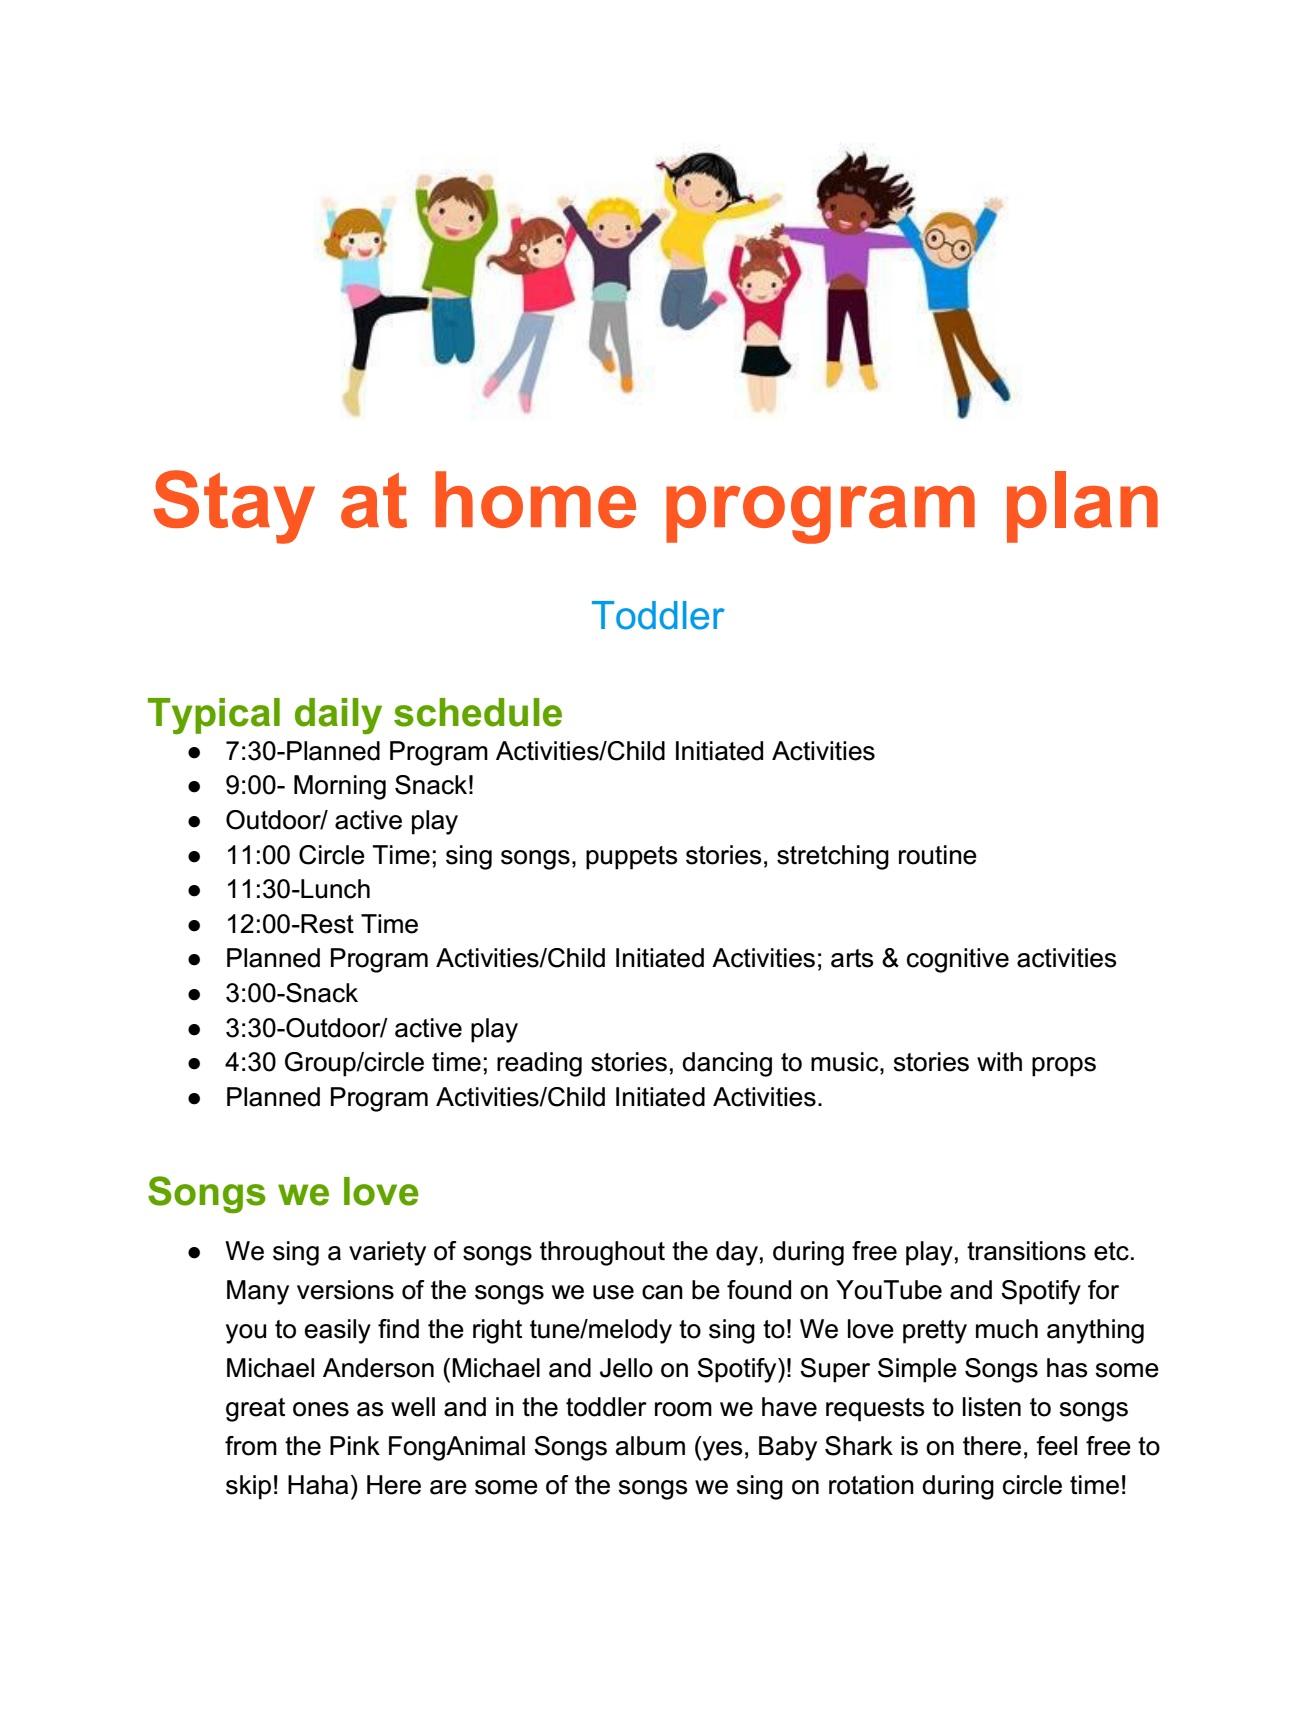 Toddler plan page 1